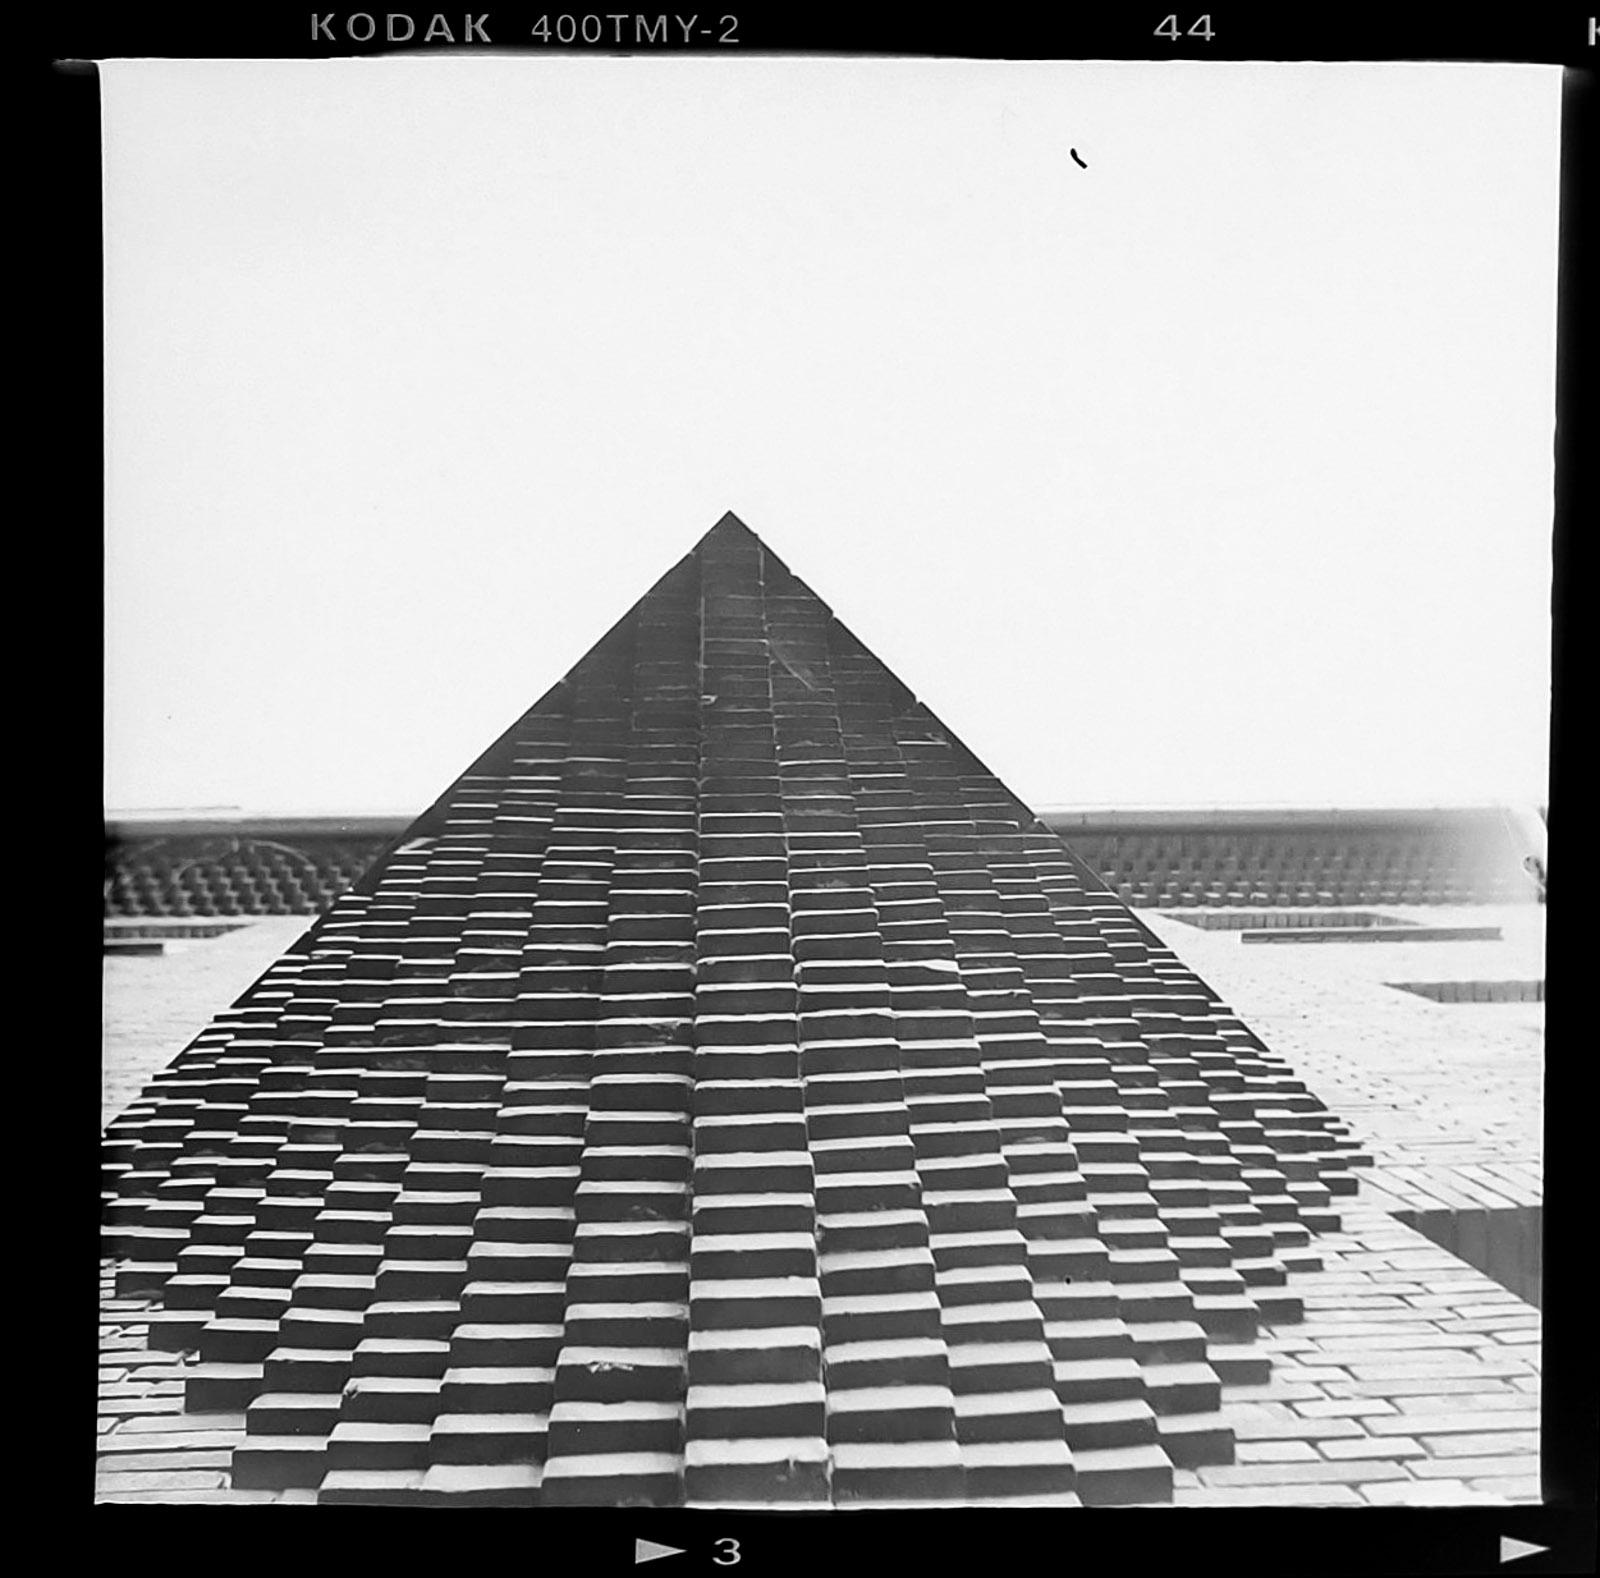 pyramide von unten